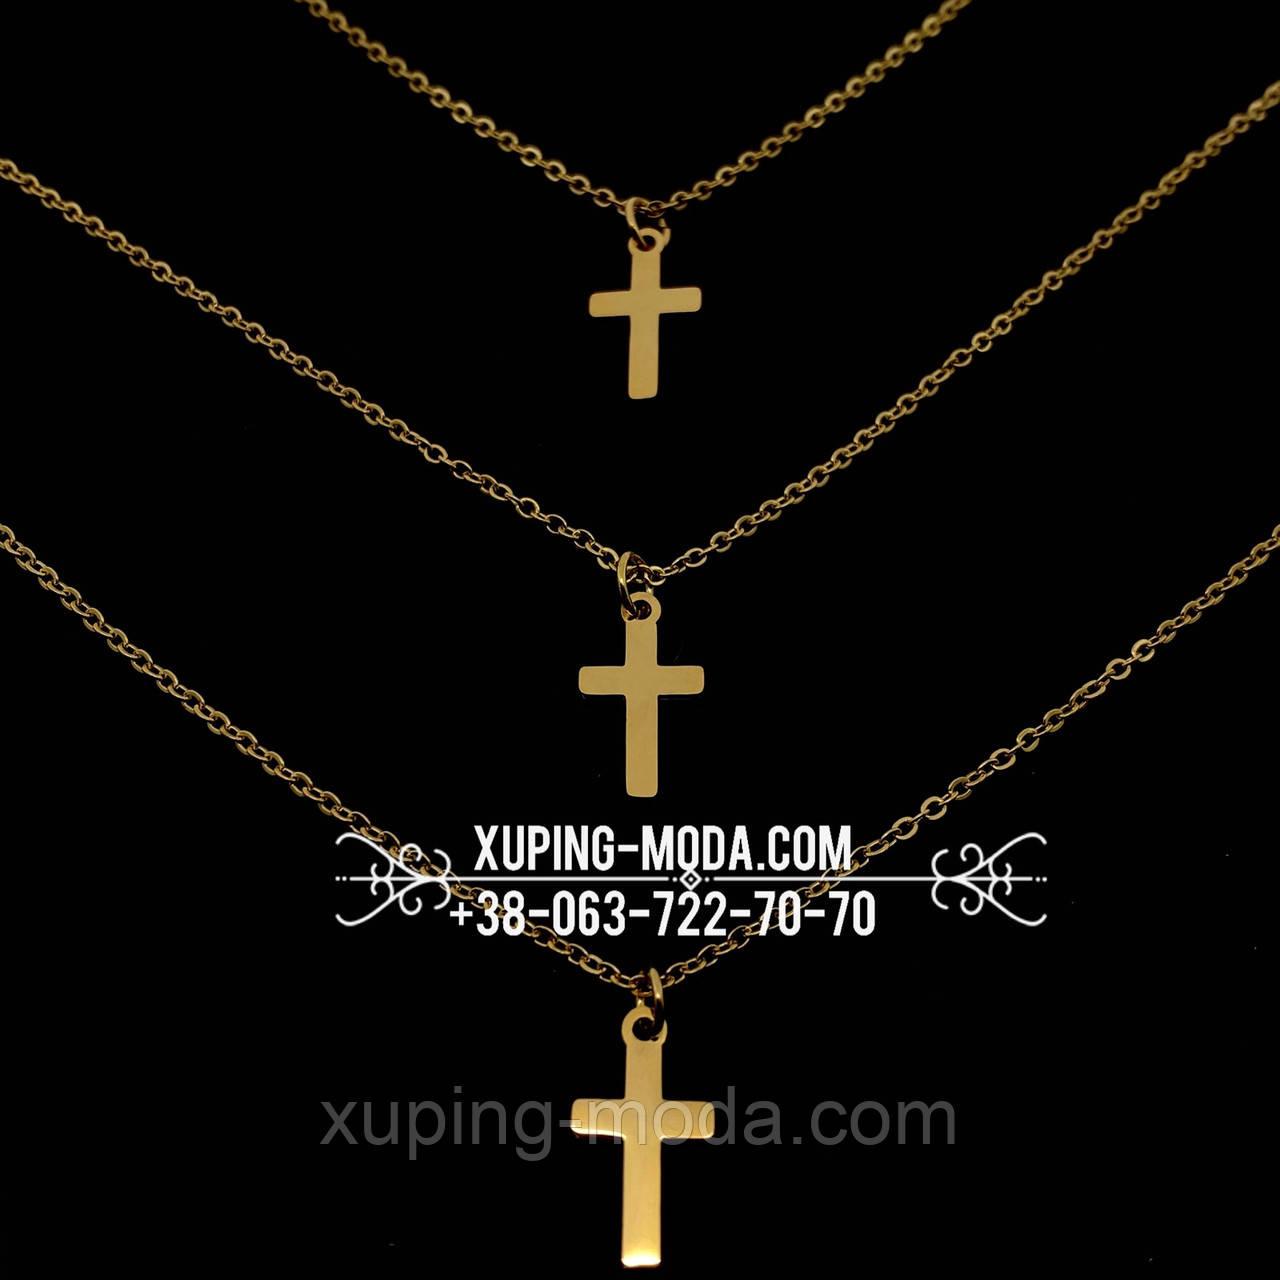 Подвеска женская с крестиками. Цепочка с крестиком